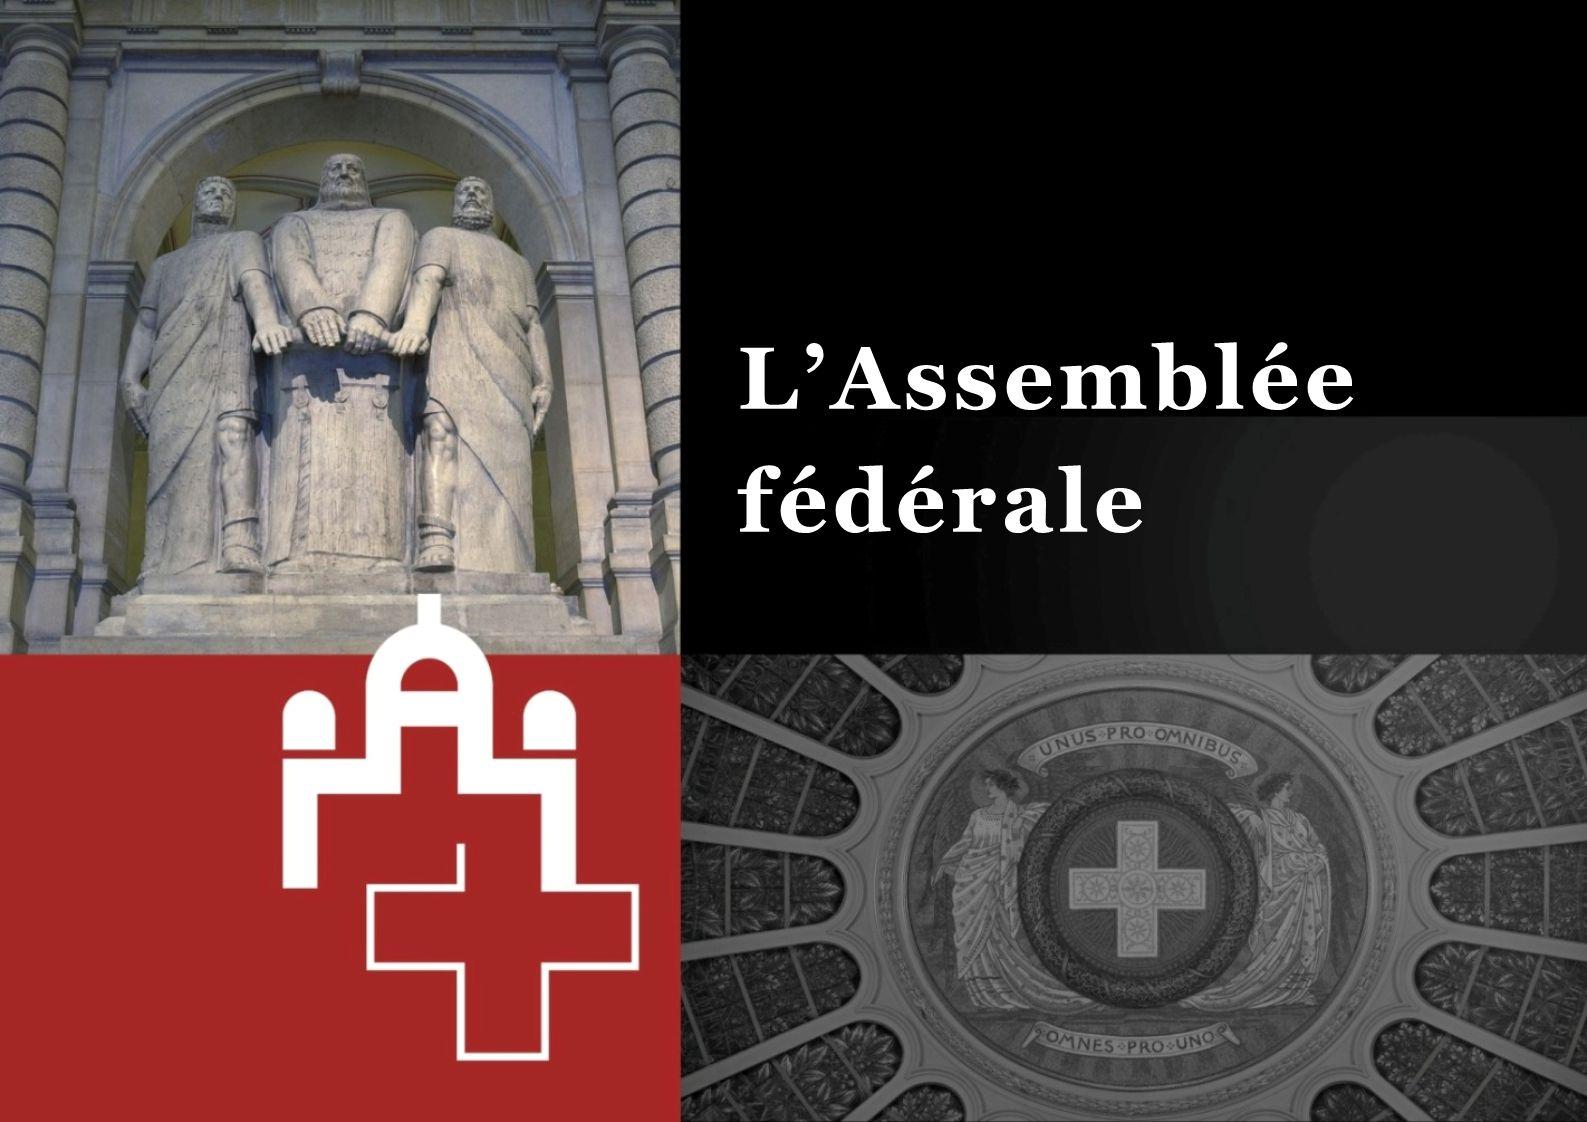 L'Assemblée fédérale